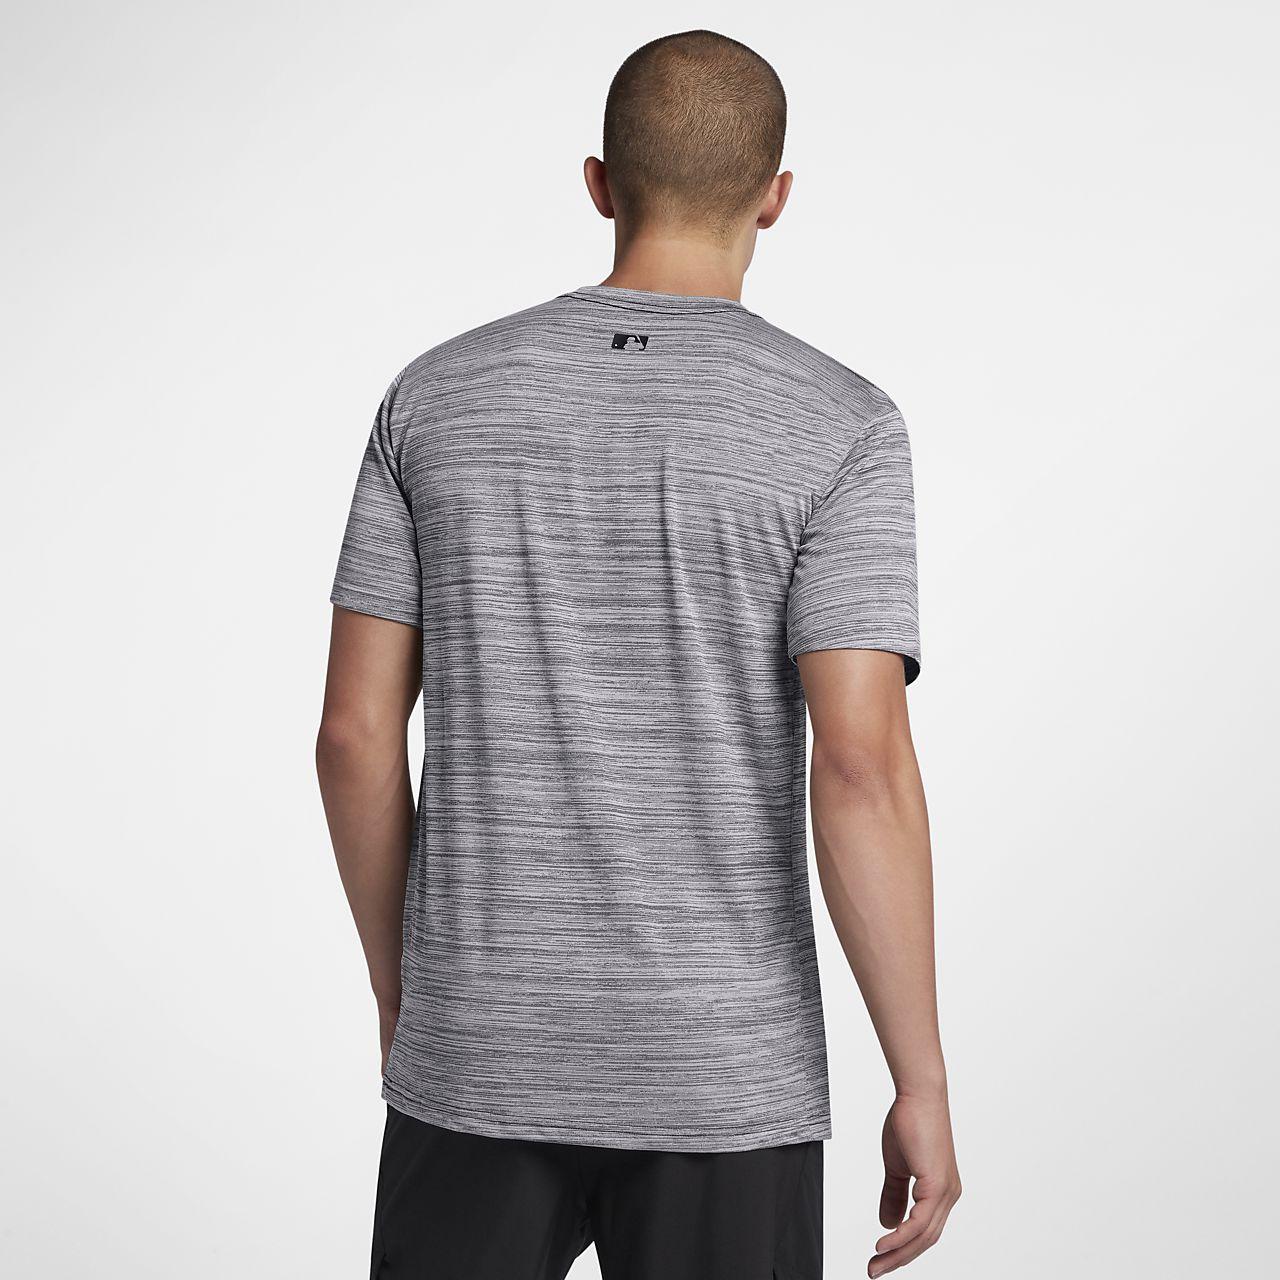 476180c8bb2f Nike Dri-FIT Men s Baseball T-Shirt. Nike.com